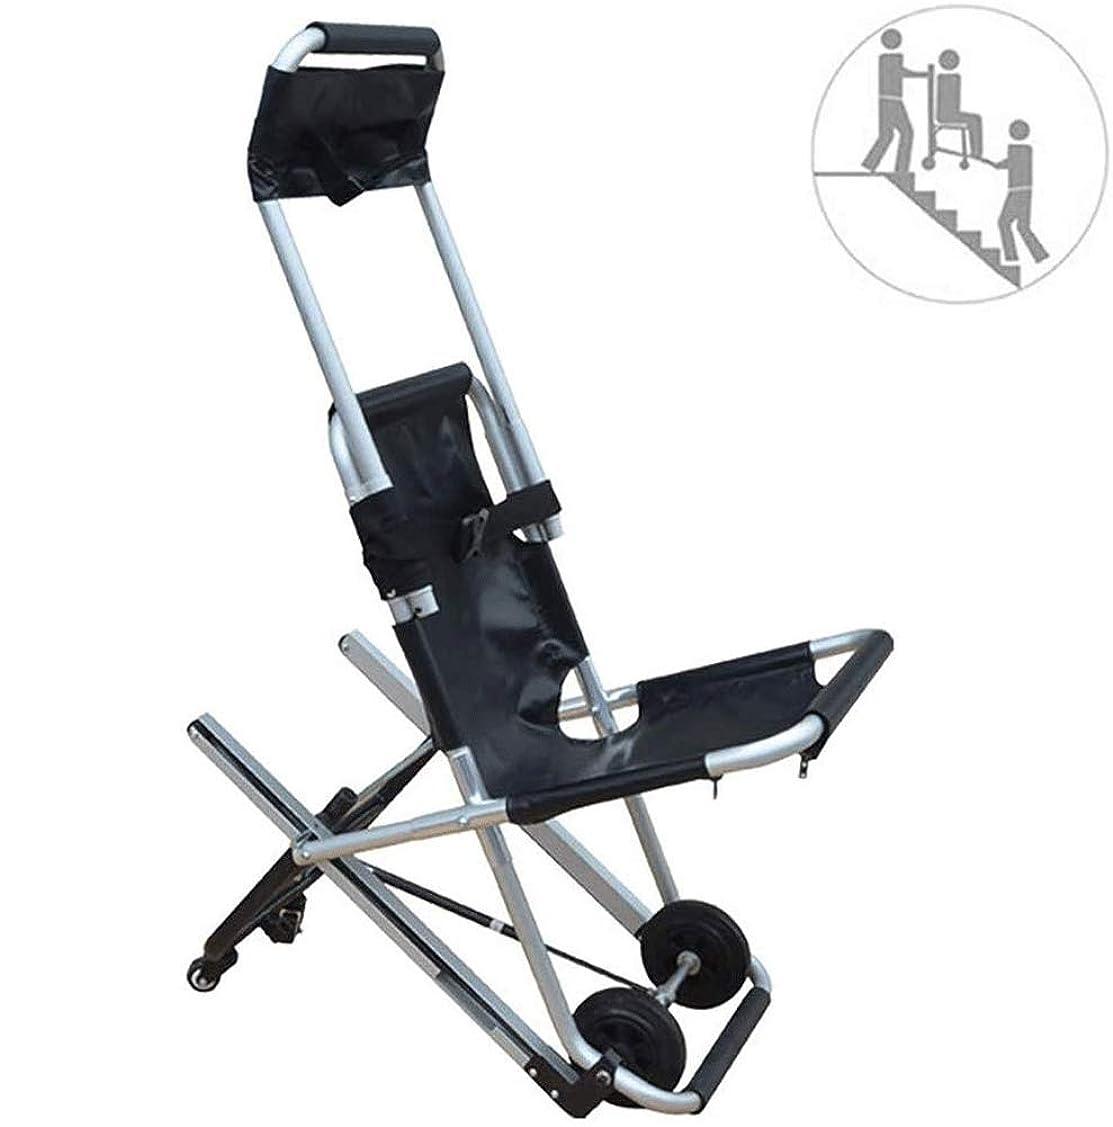 スキャンダラス想定トランジスタ折り畳み式のEMS階段椅子、高齢者、障害者のためのクイックリリースバックル付き4ホイールアルミ軽量医療モビリティエイドで追跡階段チェア (Color : 黒)